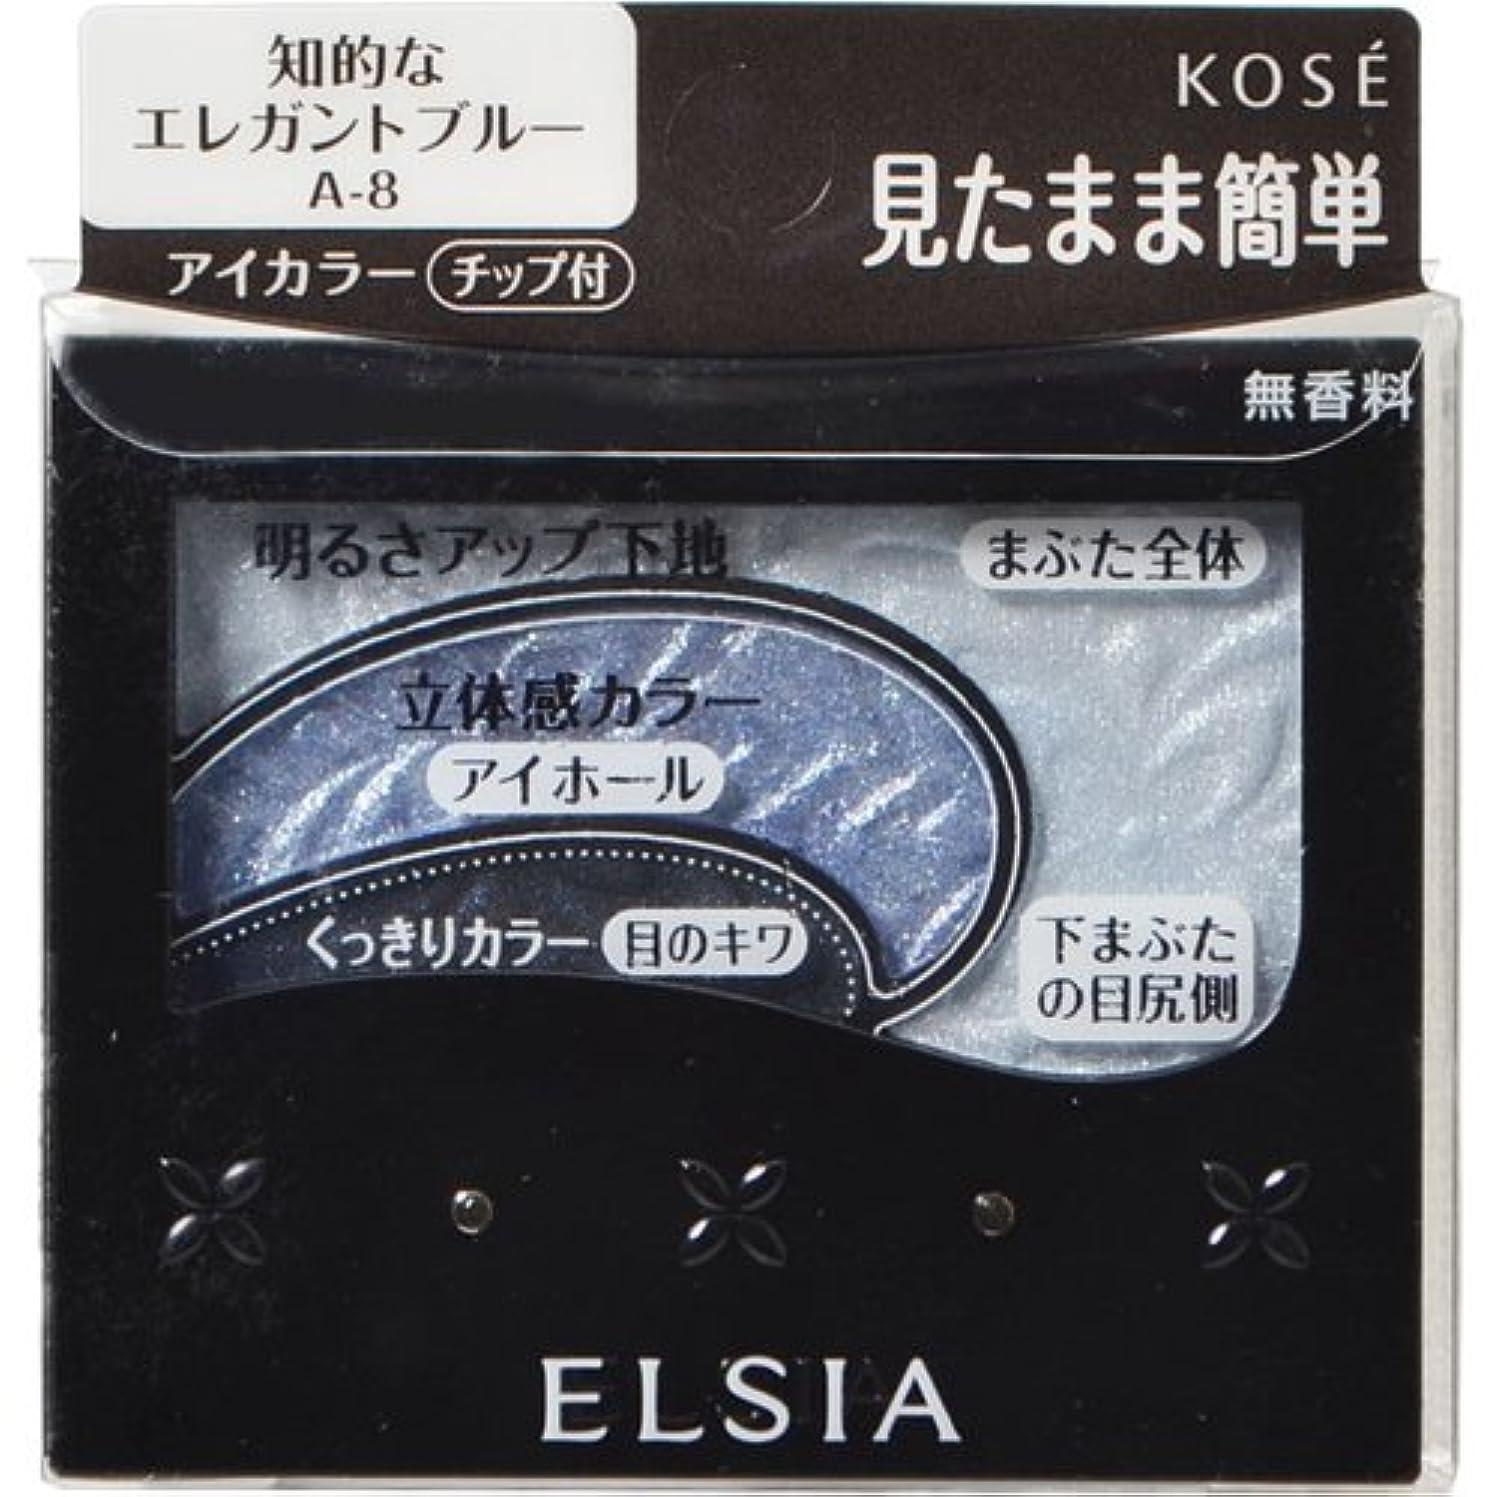 満員光の液体コーセー エルシア そのまま簡単仕上げ アイカラー #008 2.8g